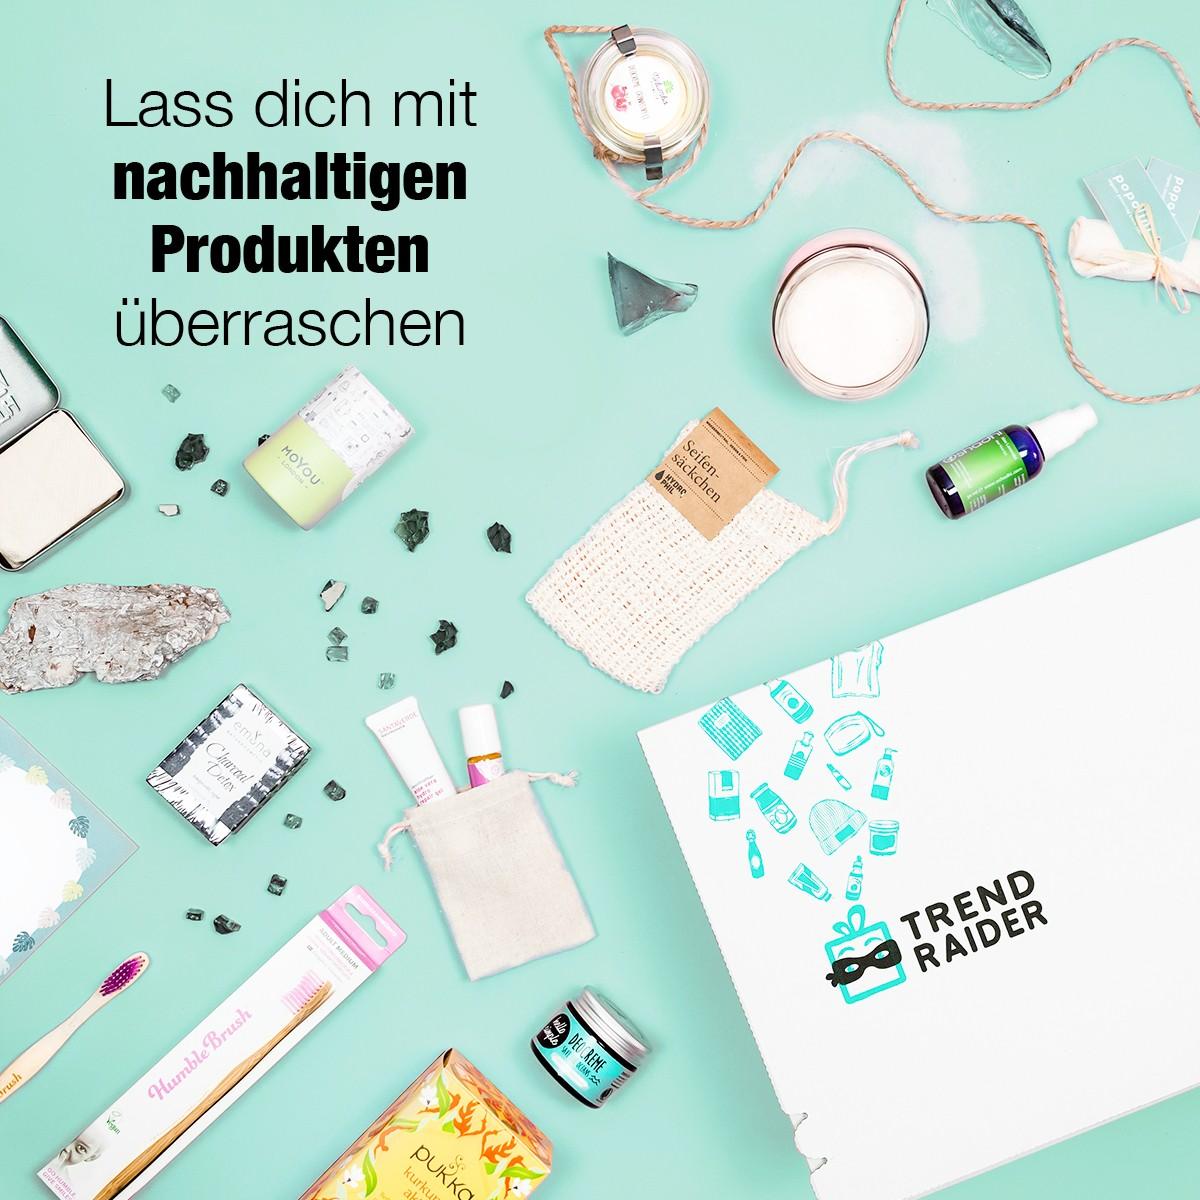 TrendRaider GeschenkBox